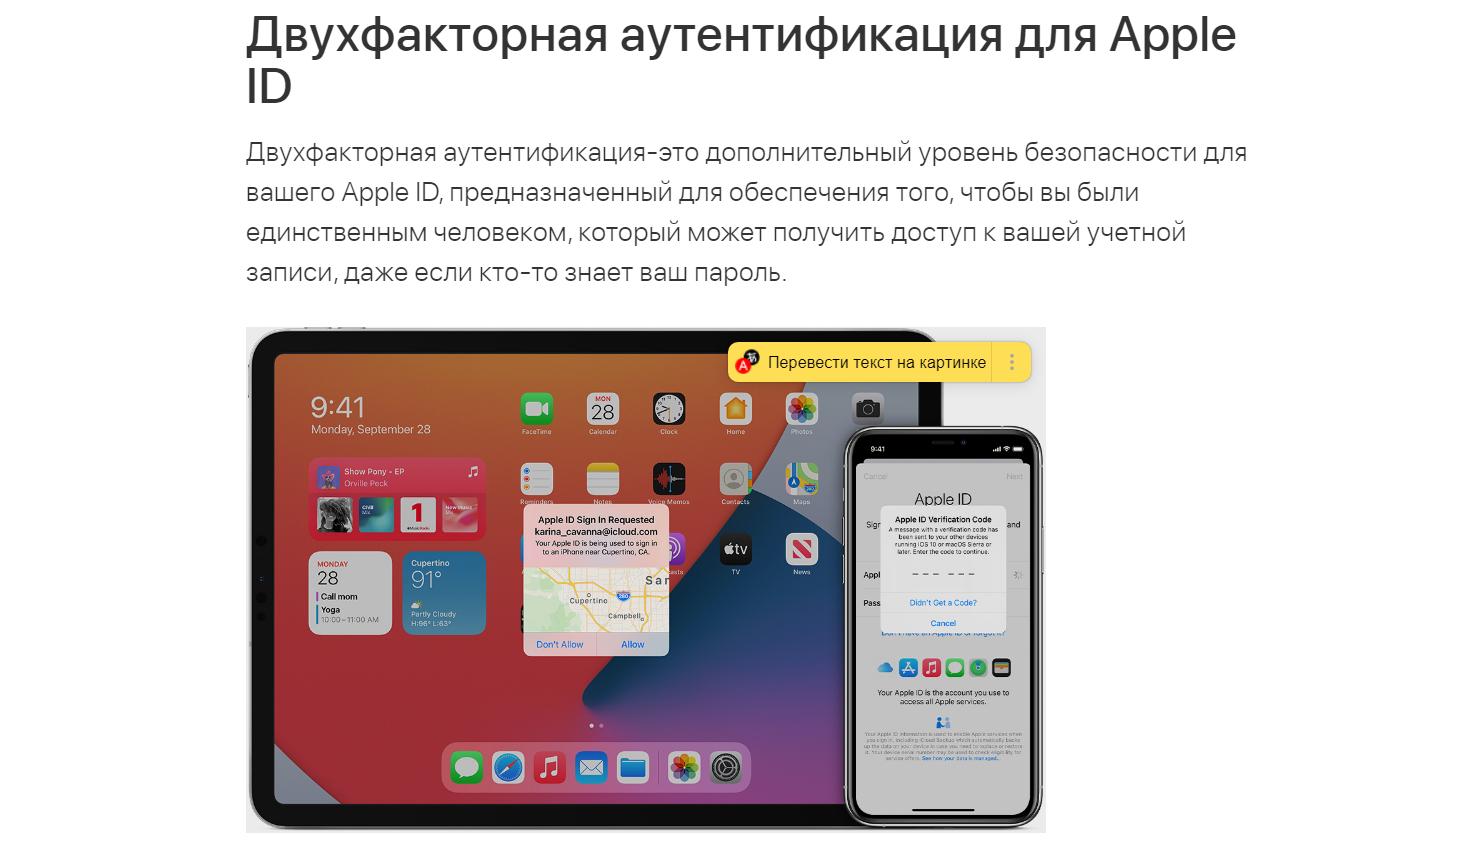 Регистрация в App Store. Двухфакторная аутентификация